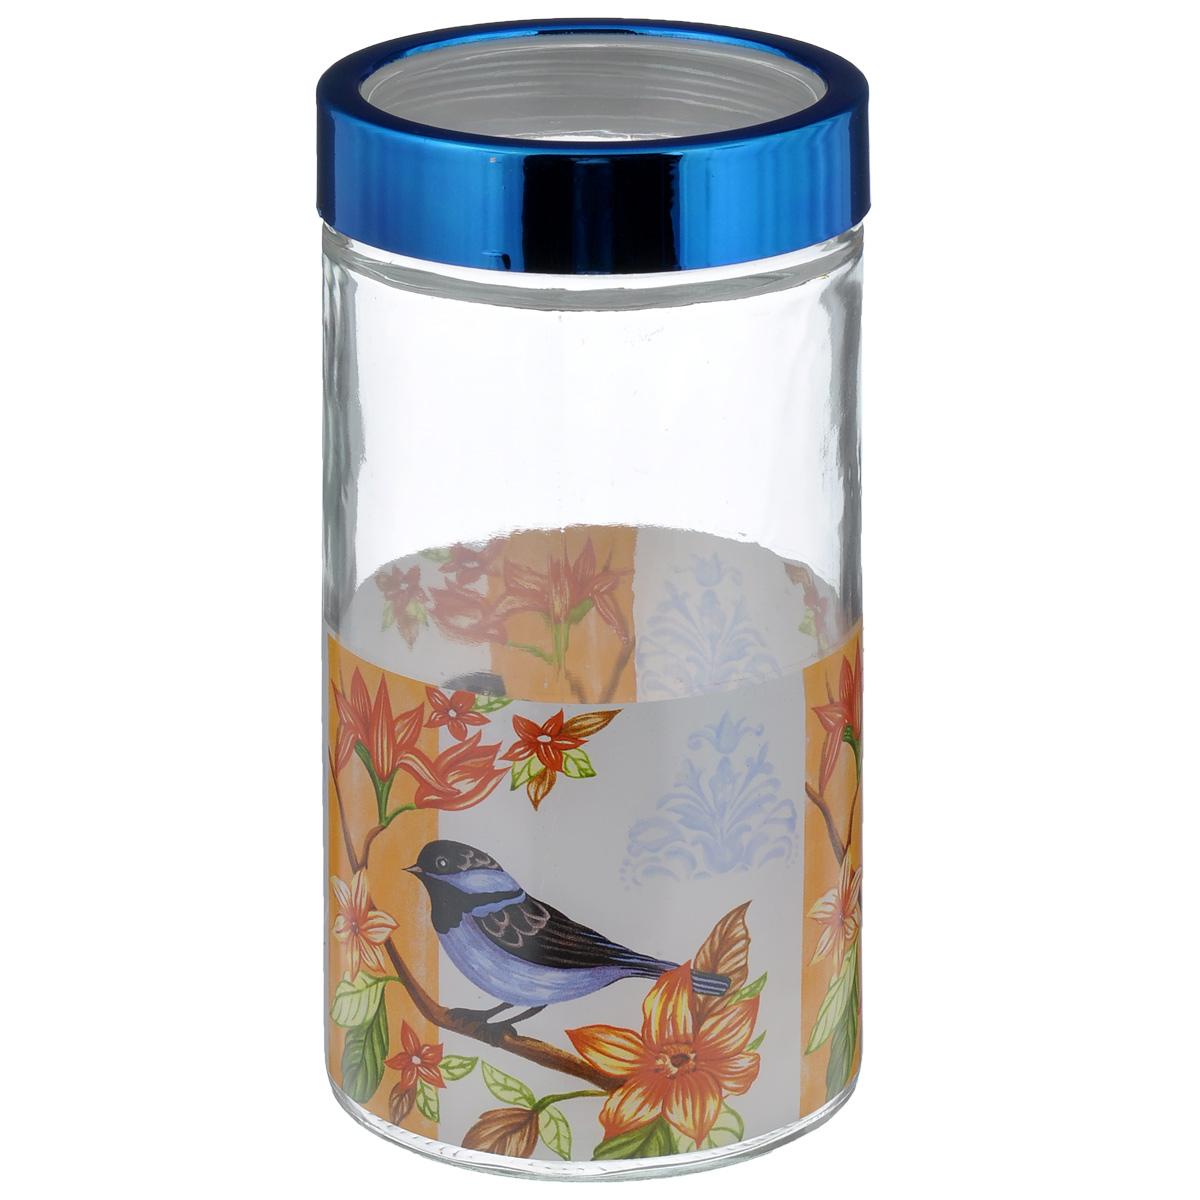 Банка для сыпучих продуктов House & Holder Птица, цвет: синий, 1,6 лS203414-2F103Банка для сыпучих продуктов House & Holder Птица изготовлена из прочного стекла и оснащена плотно закрывающейся крышкой. Благодаря этому, внутри сохраняется герметичность, и продукты дольше остаются свежими. Изделие предназначено для хранения различных сыпучих продуктов: круп, чая, сахара, орехов, специй и другого. Функциональная и вместительная, такая банка станет незаменимым аксессуаром на любой кухне. Диаметр: 11,5 см. Высота: 22,5 см.